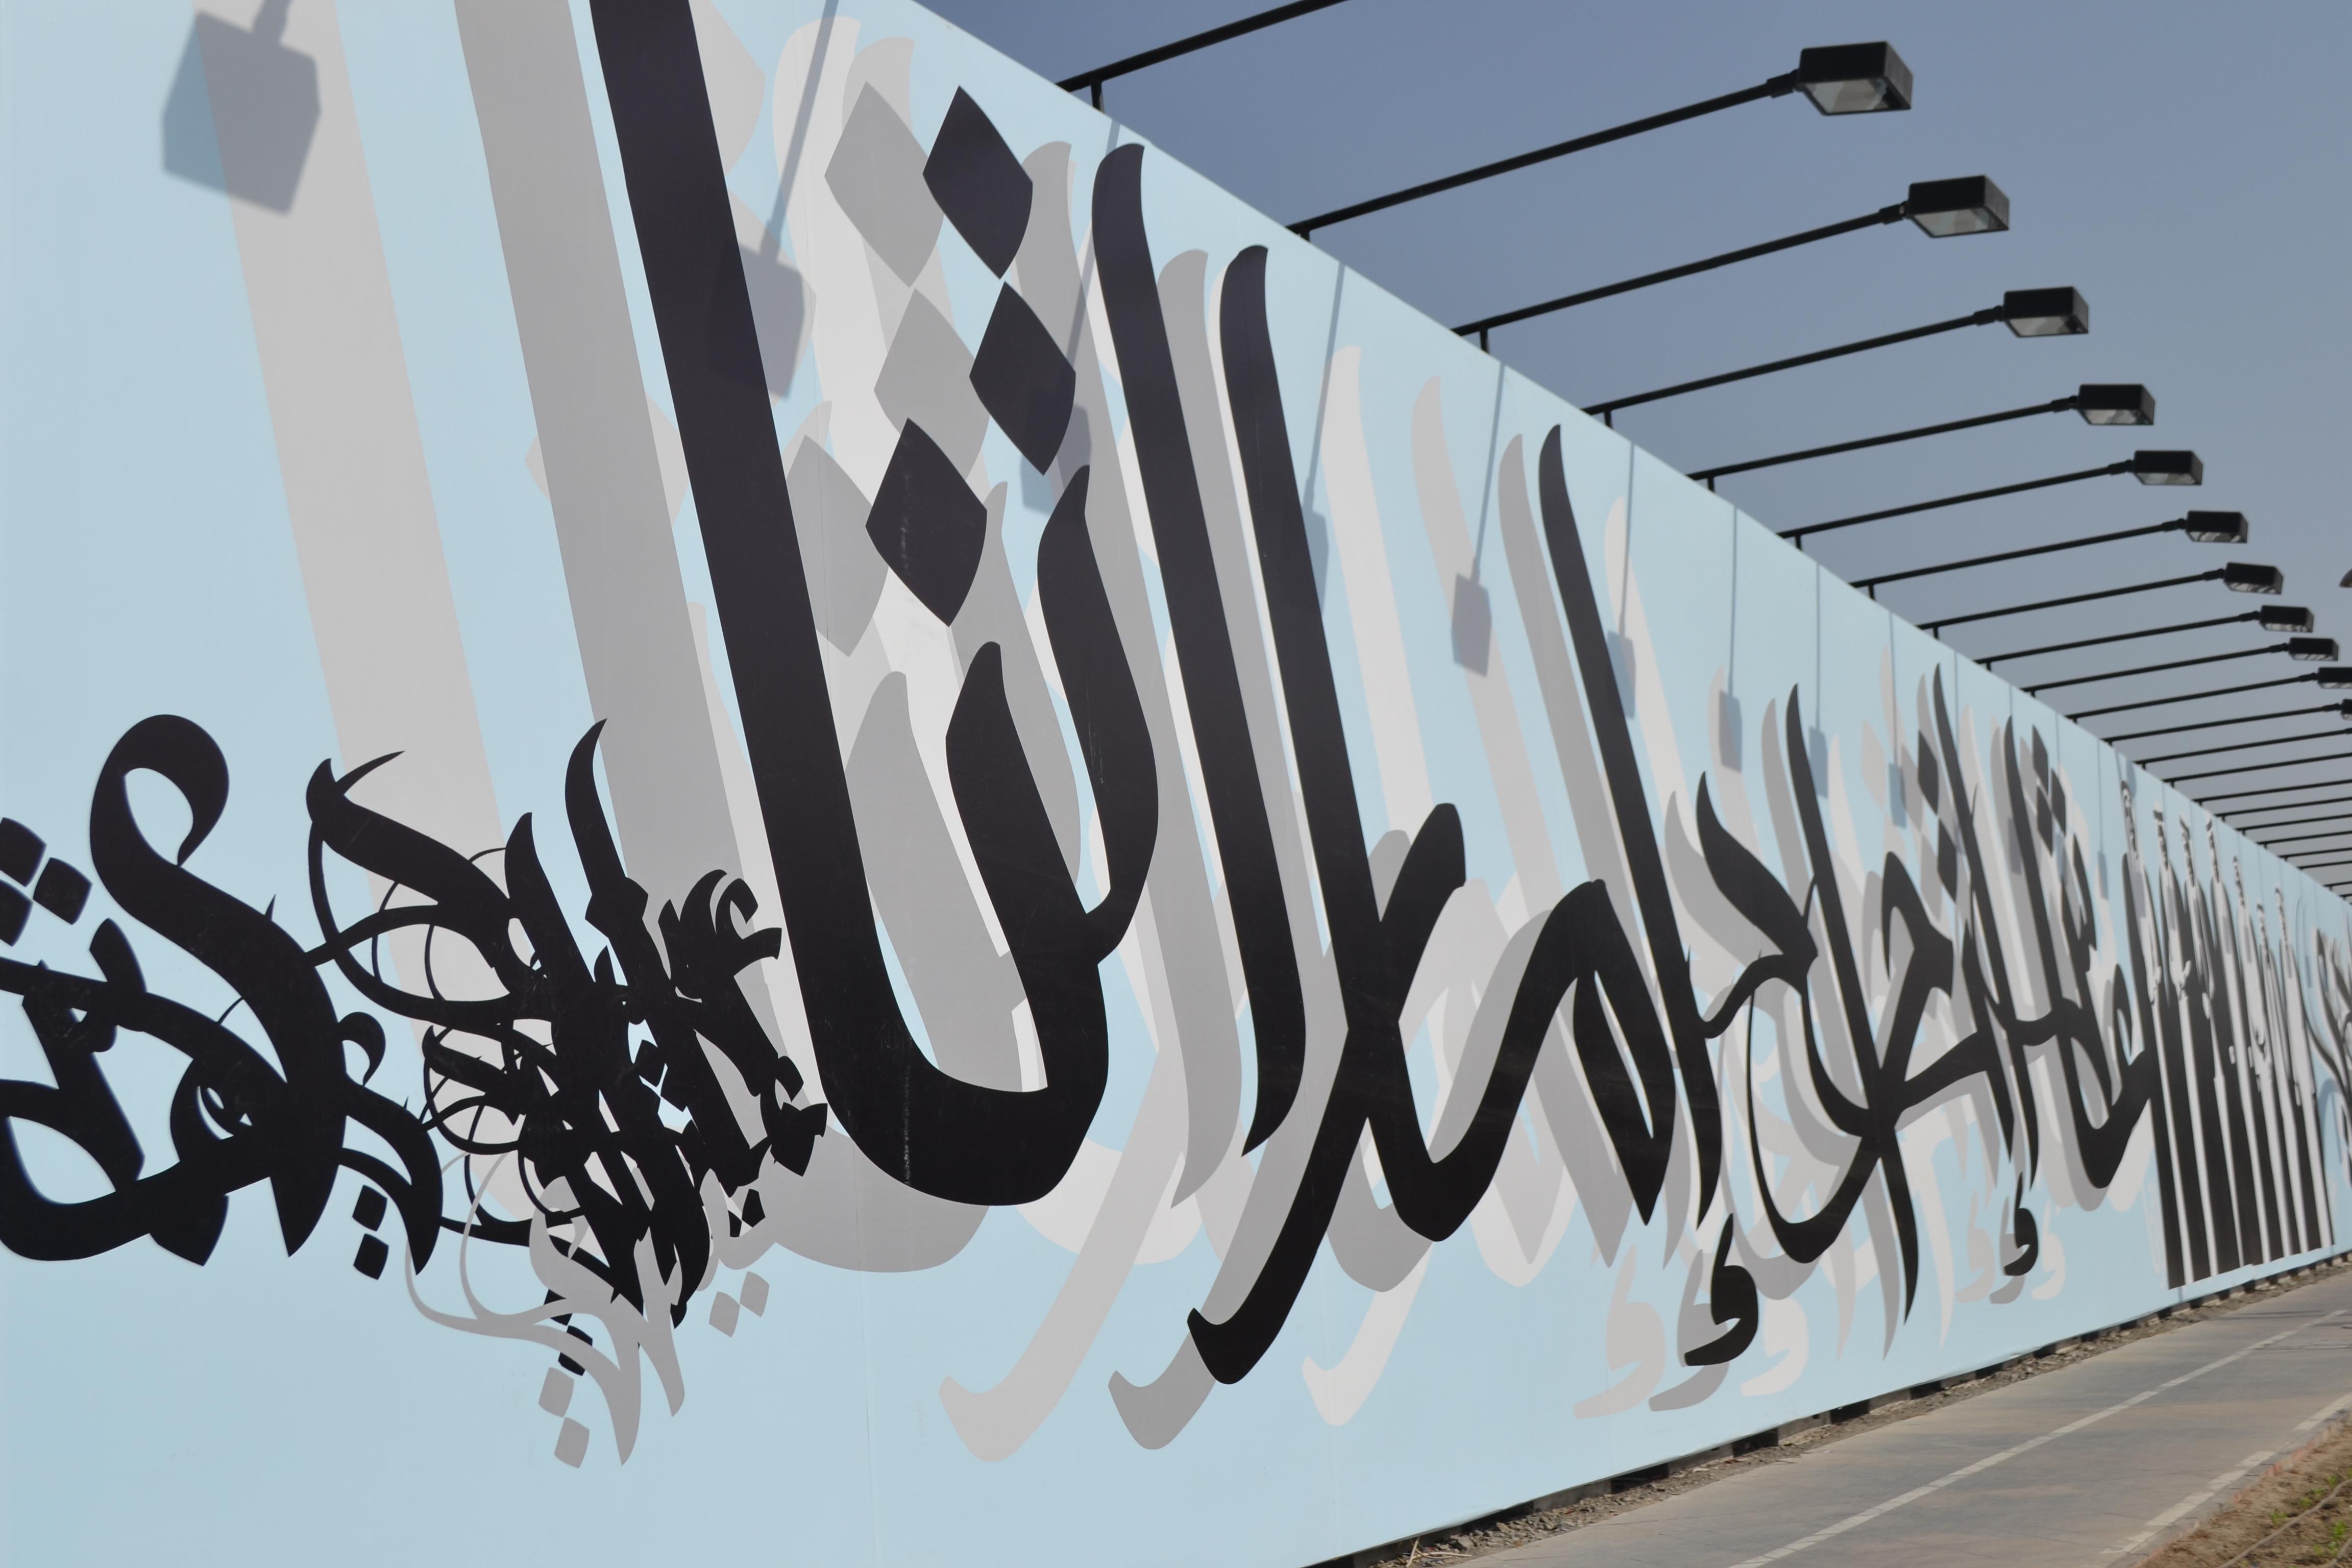 Dubai wall art graffiti